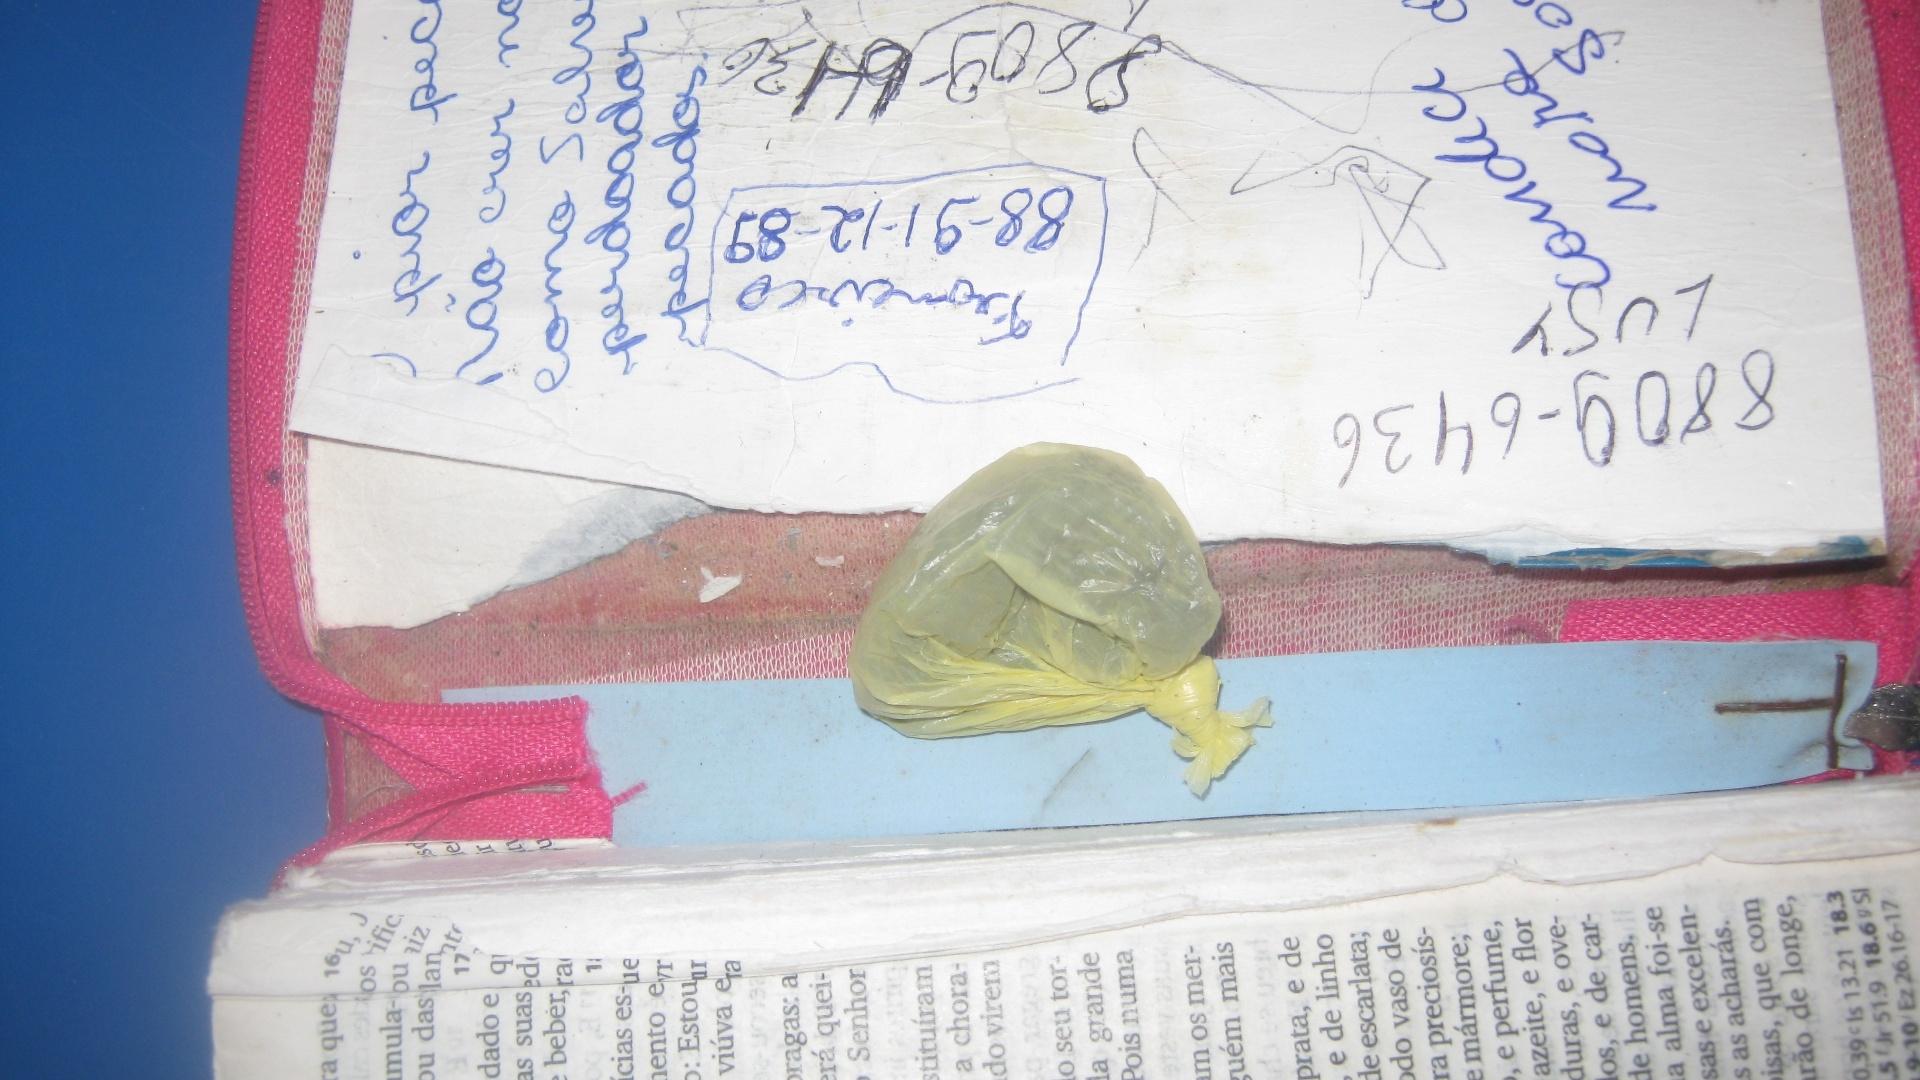 29.ago.2014 - Em uma vistoria em presídio de Natal (RN), foram encontradas três bíblias recheadas de maconha. A inspeção ocorreu no CDP (Centro de Detenção Provisória) da Ribeira, localizado na zona leste de Natal. A droga era escondida entre a capa e as páginas das bíblias, que eram fechadas com um zíper para que os agentes penitenciários não desconfiassem. Também foram apreendidos diversos aparelhos de telefone celular, chips e carregadores. A Coape (Coordenadoria de Administração Penitenciária) instaurou inquérito para descobrir como o material apreendido entrou na unidade prisional